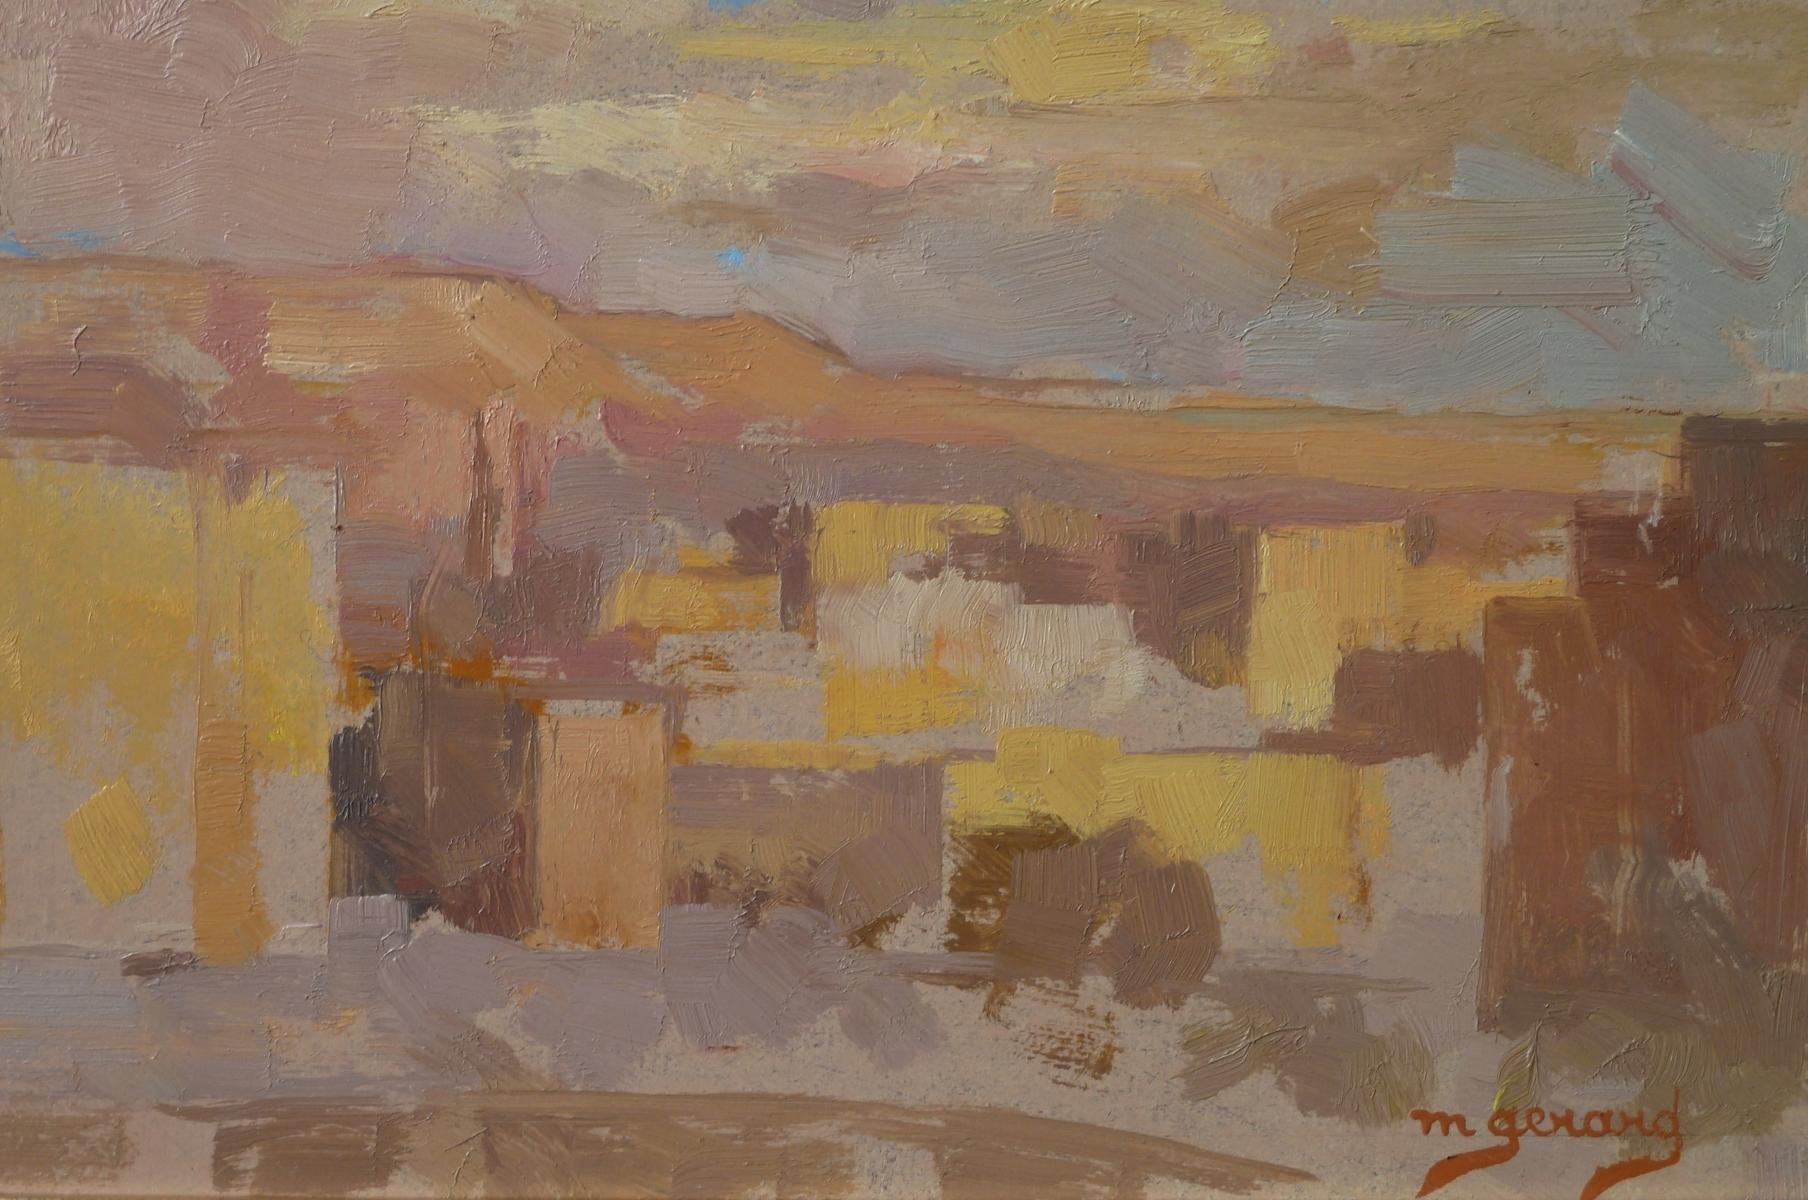 Gérard maud Le Caire coucher de soleil sur la citadelle Egypte